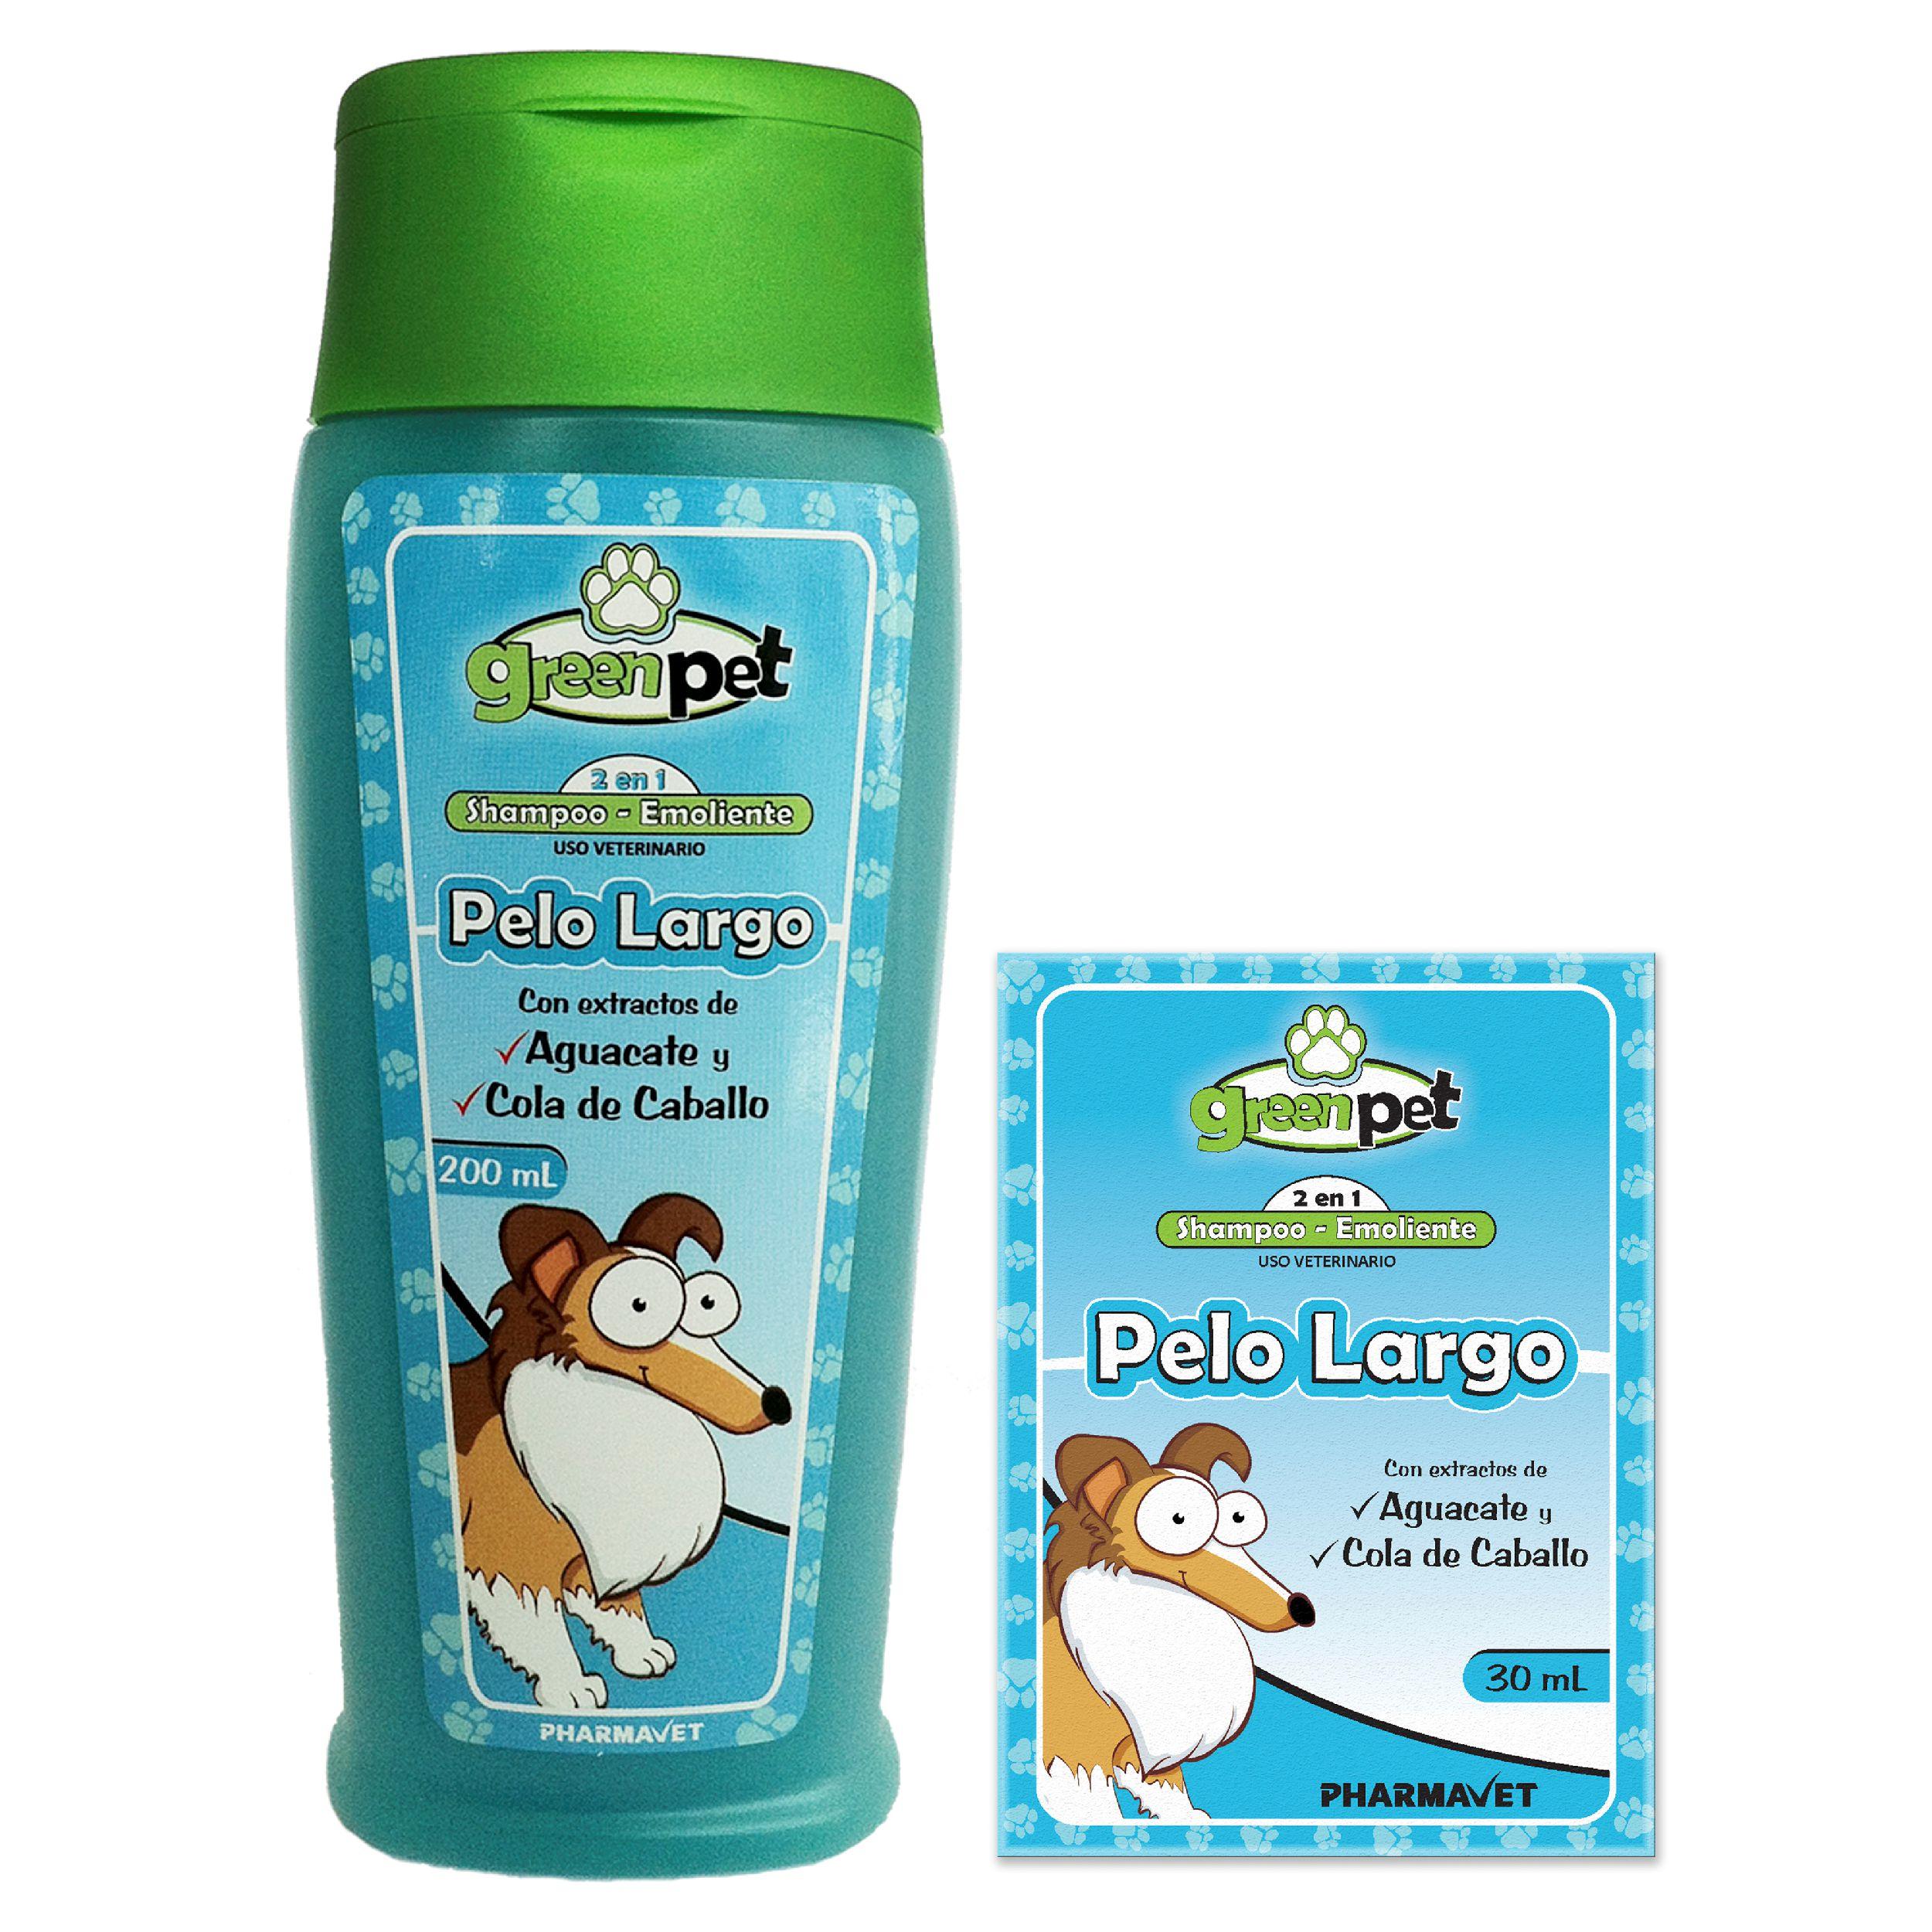 Shampoo Pelo Largo